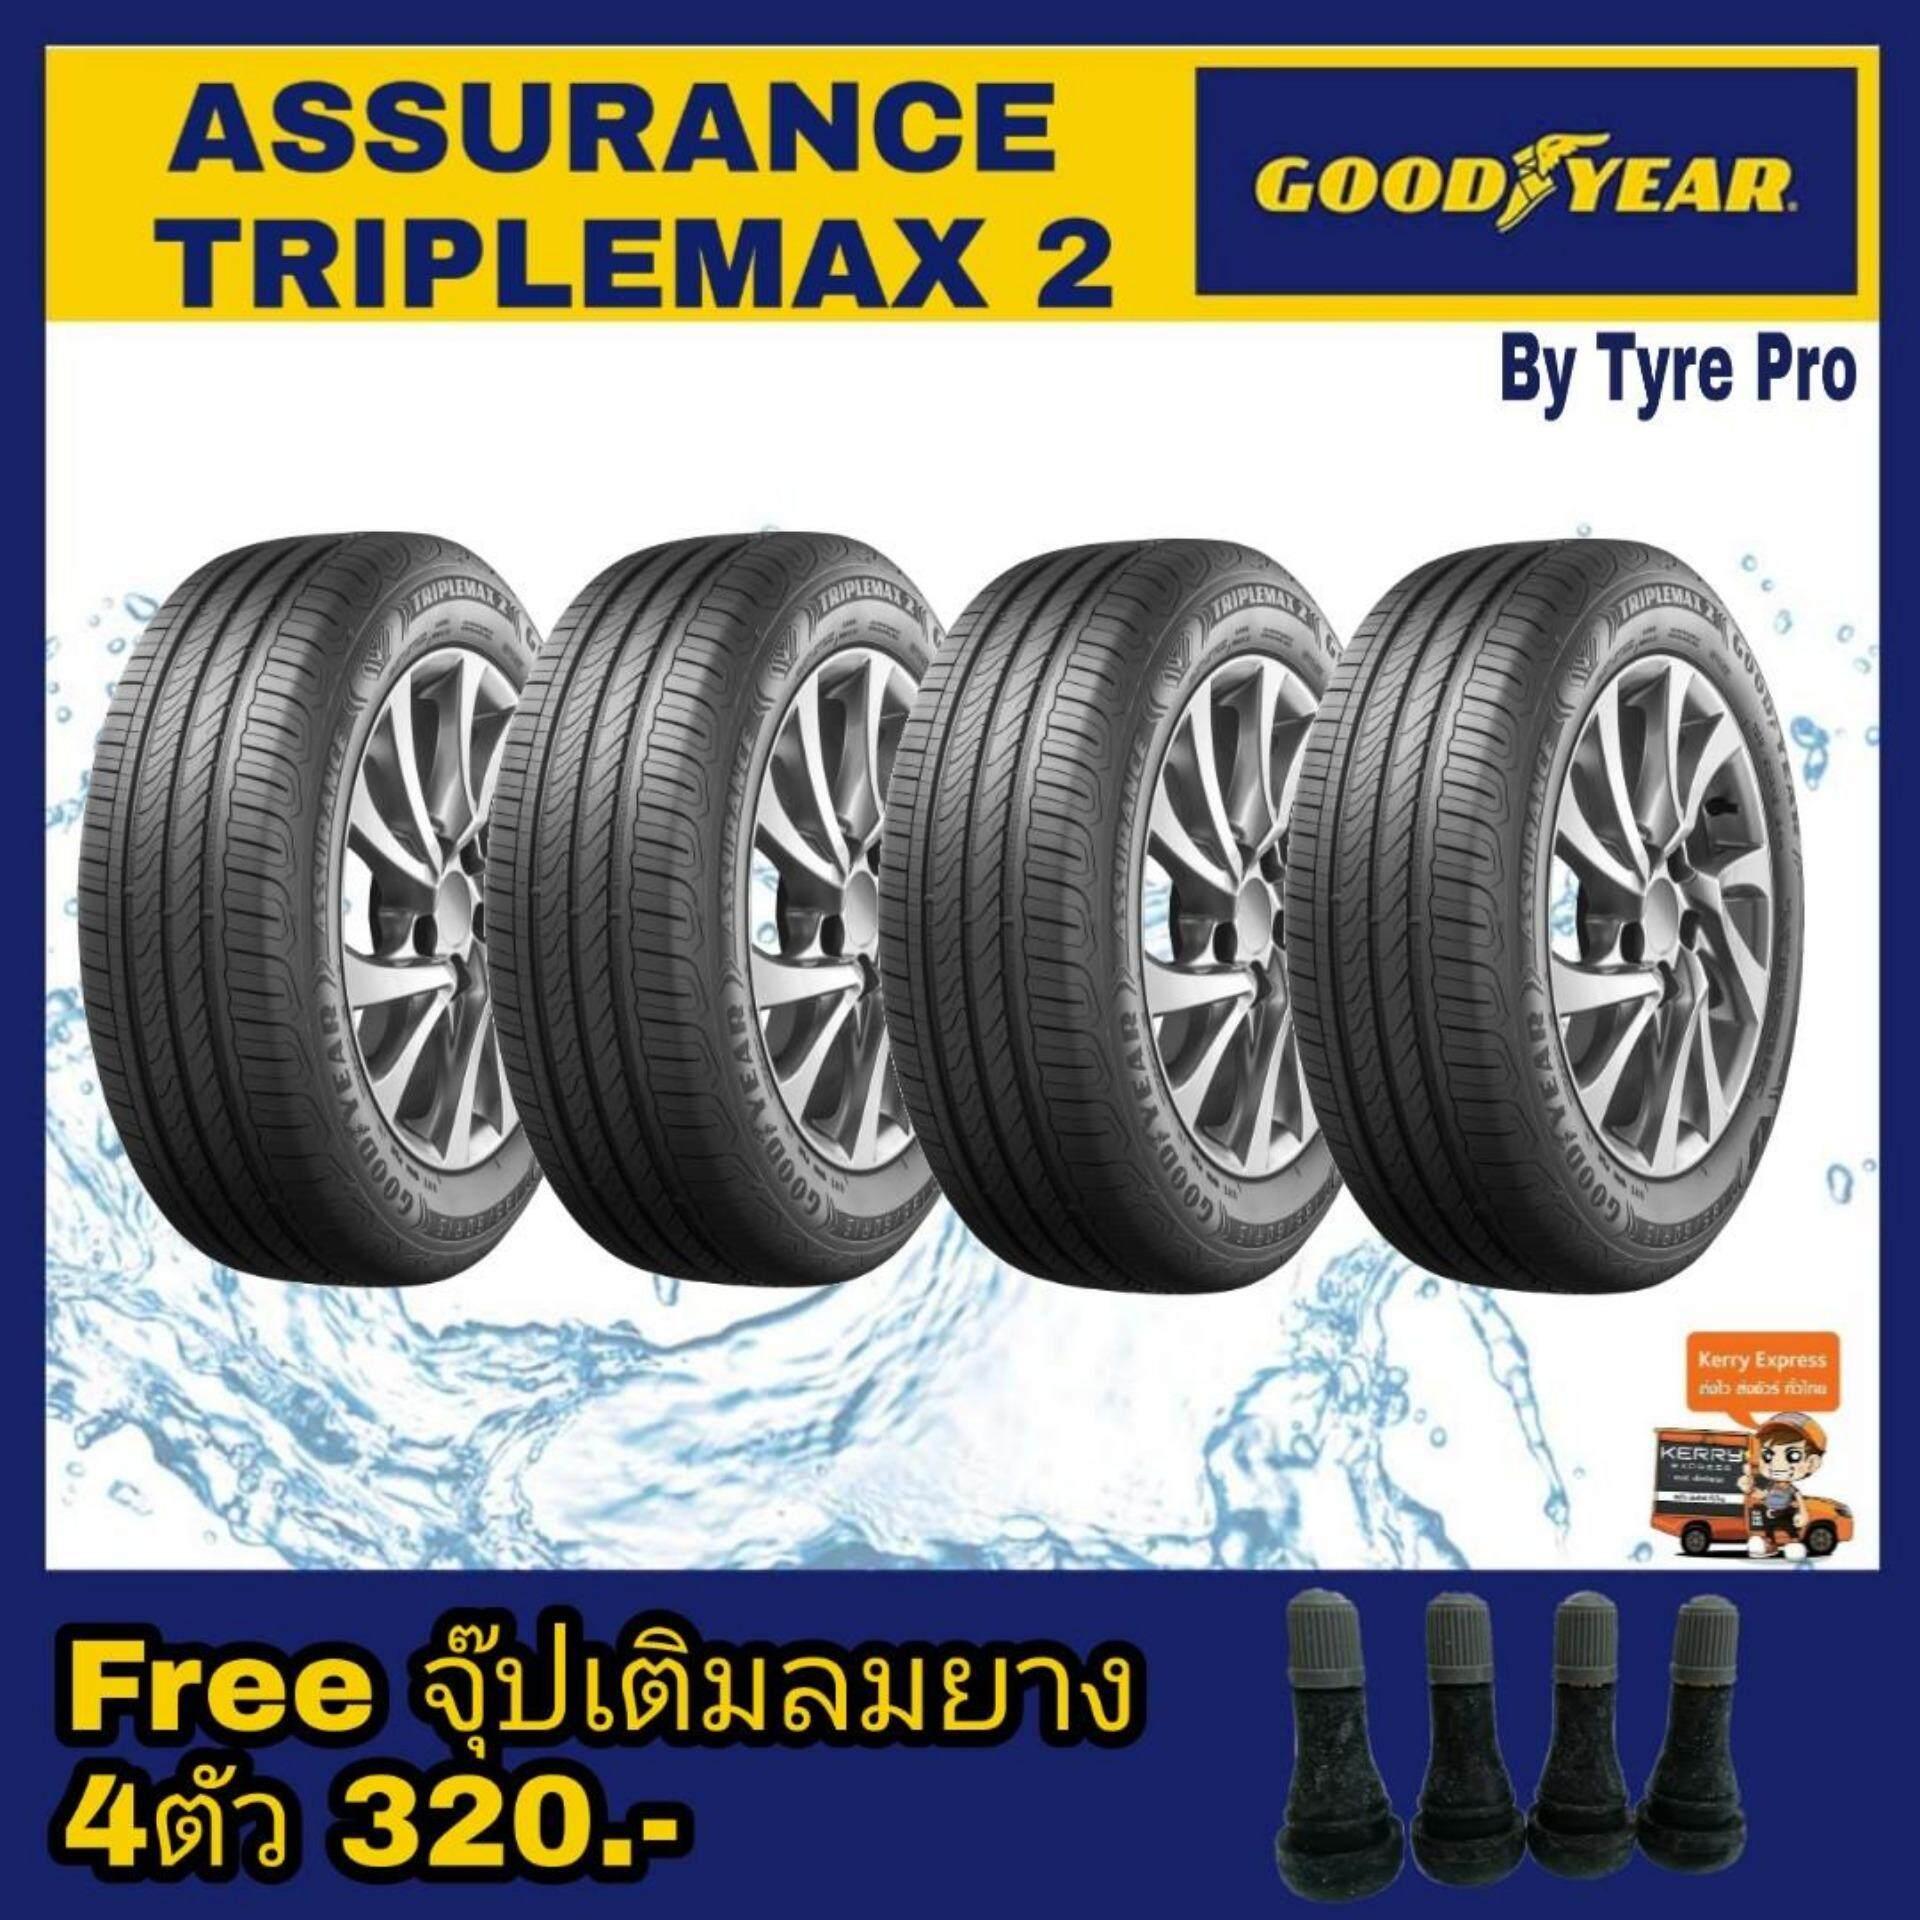 ประกันภัย รถยนต์ ชั้น 3 ราคา ถูก น่าน Goodyear ยางรถยนต์ขอบ16 195/50R16 รุ่น Assurance TripleMax2 (4 เส้น)